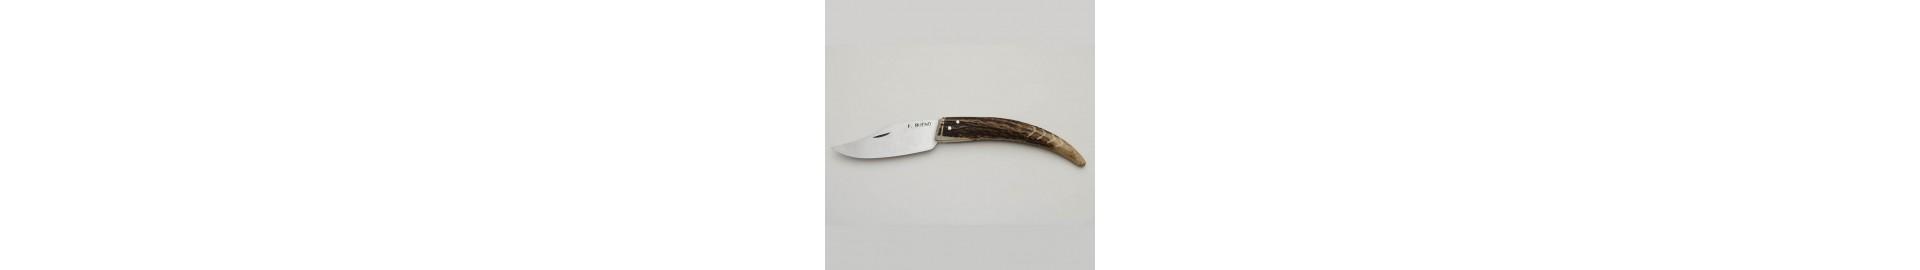 comprar navajas y cuchillos artesanos